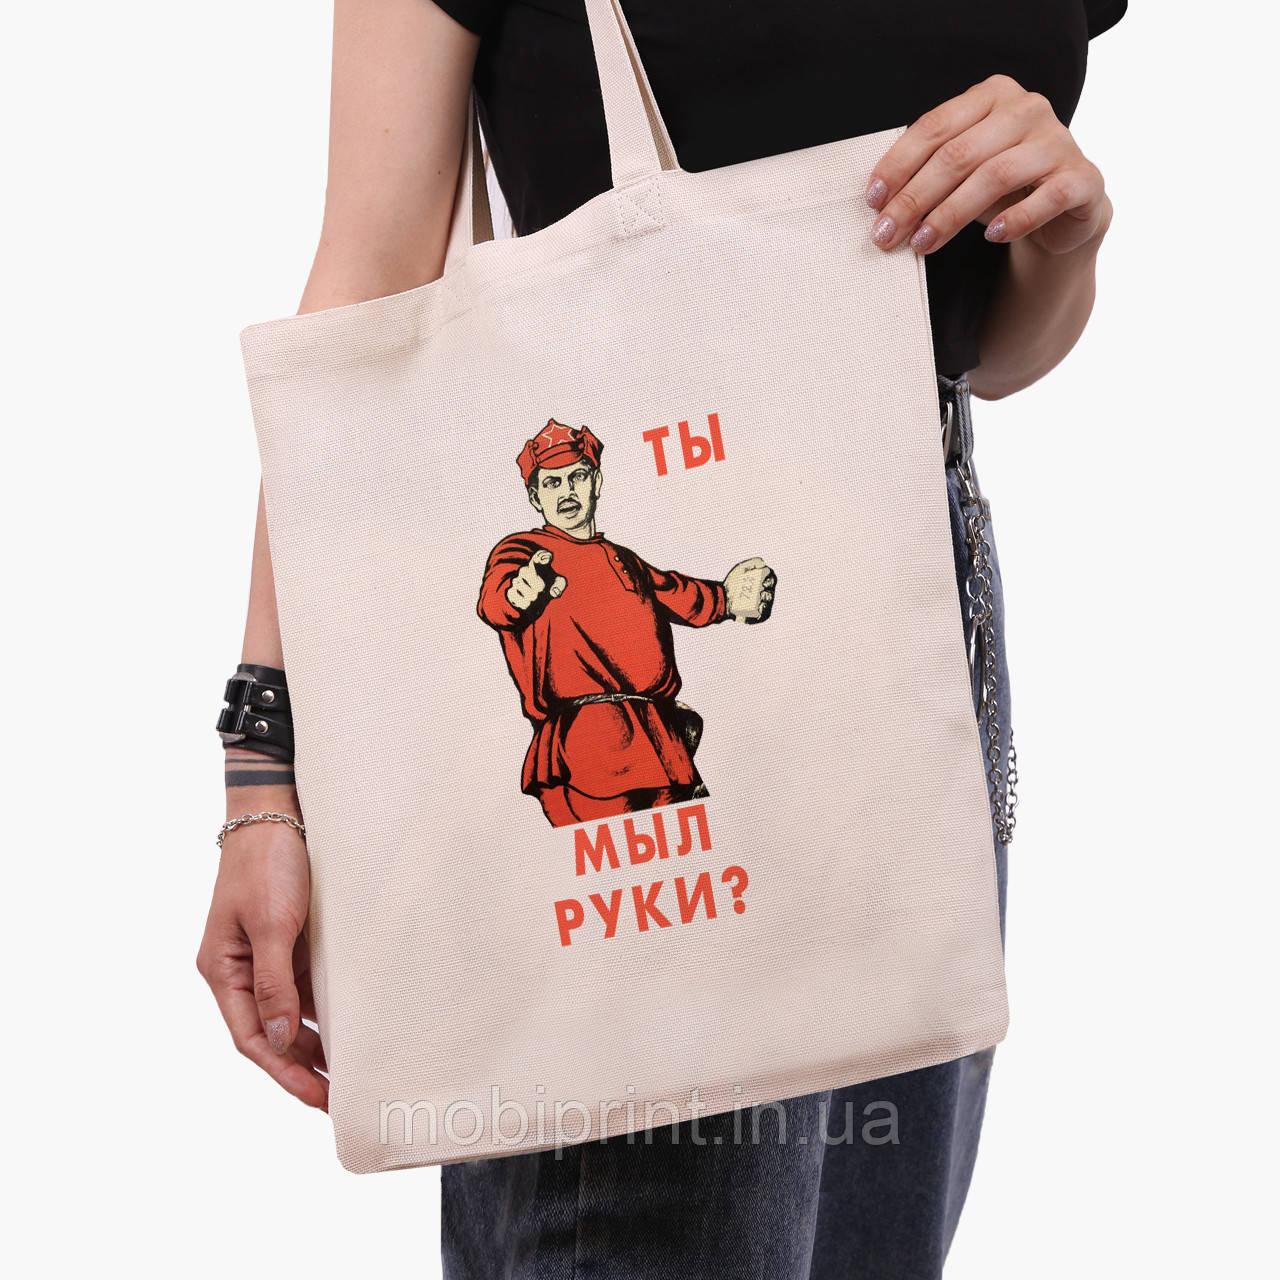 Еко сумка шоппер А Ти Мив Руки? (Have you washed your hands?) (9227-1420) екосумка шопер 41*35 см